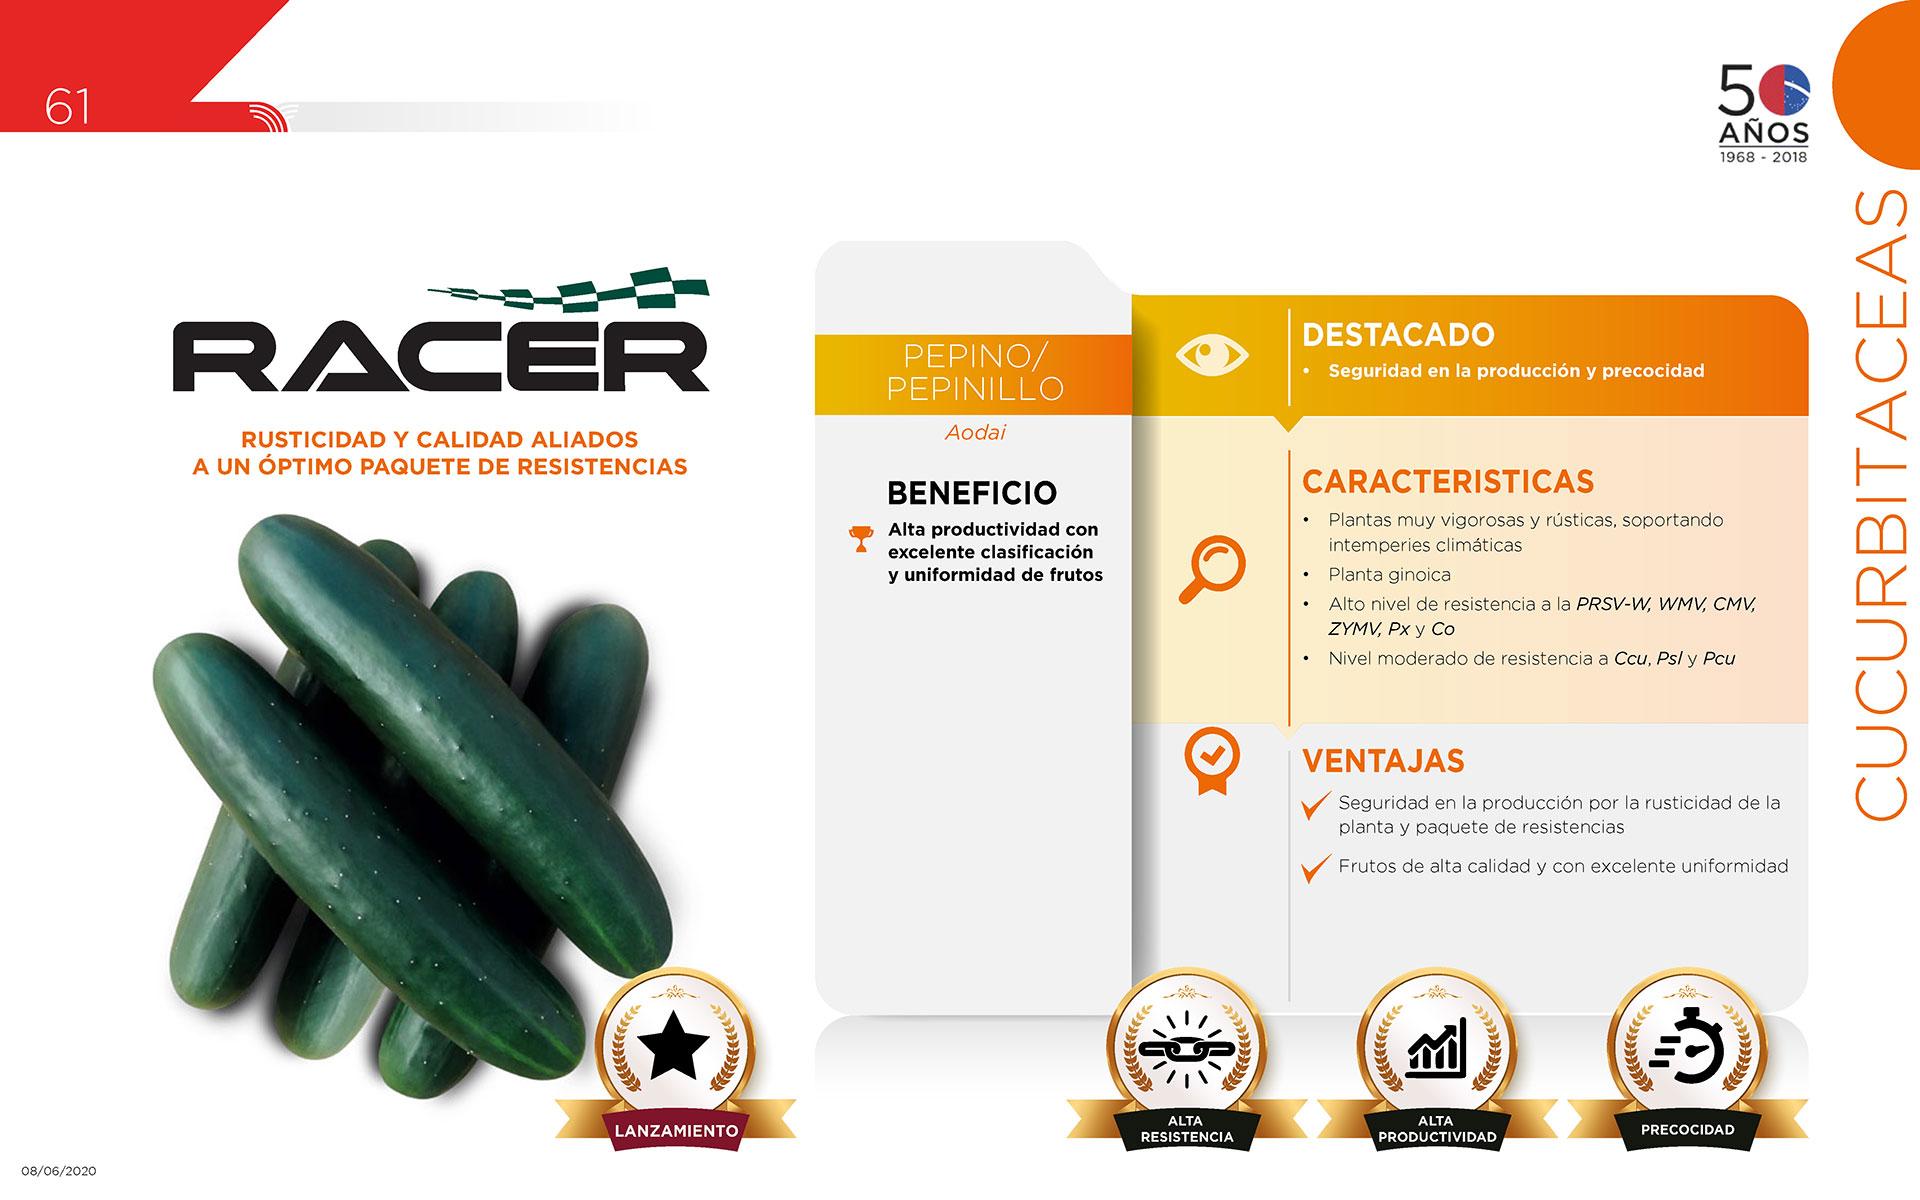 Racer - Cucurbitaceas